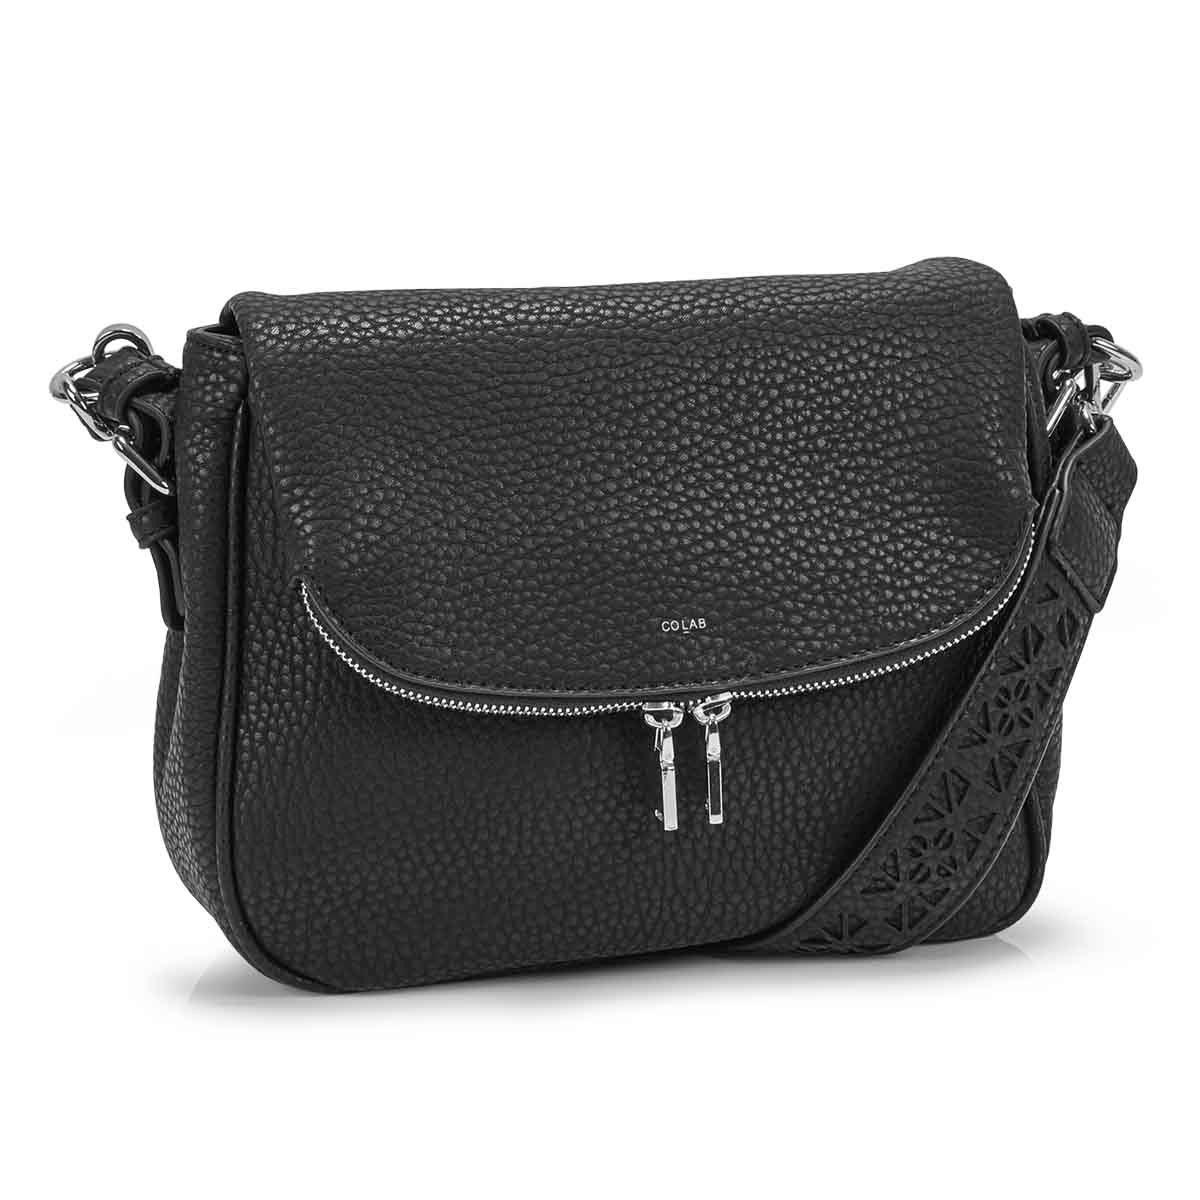 Women's SASHA black hobo crossbody bag